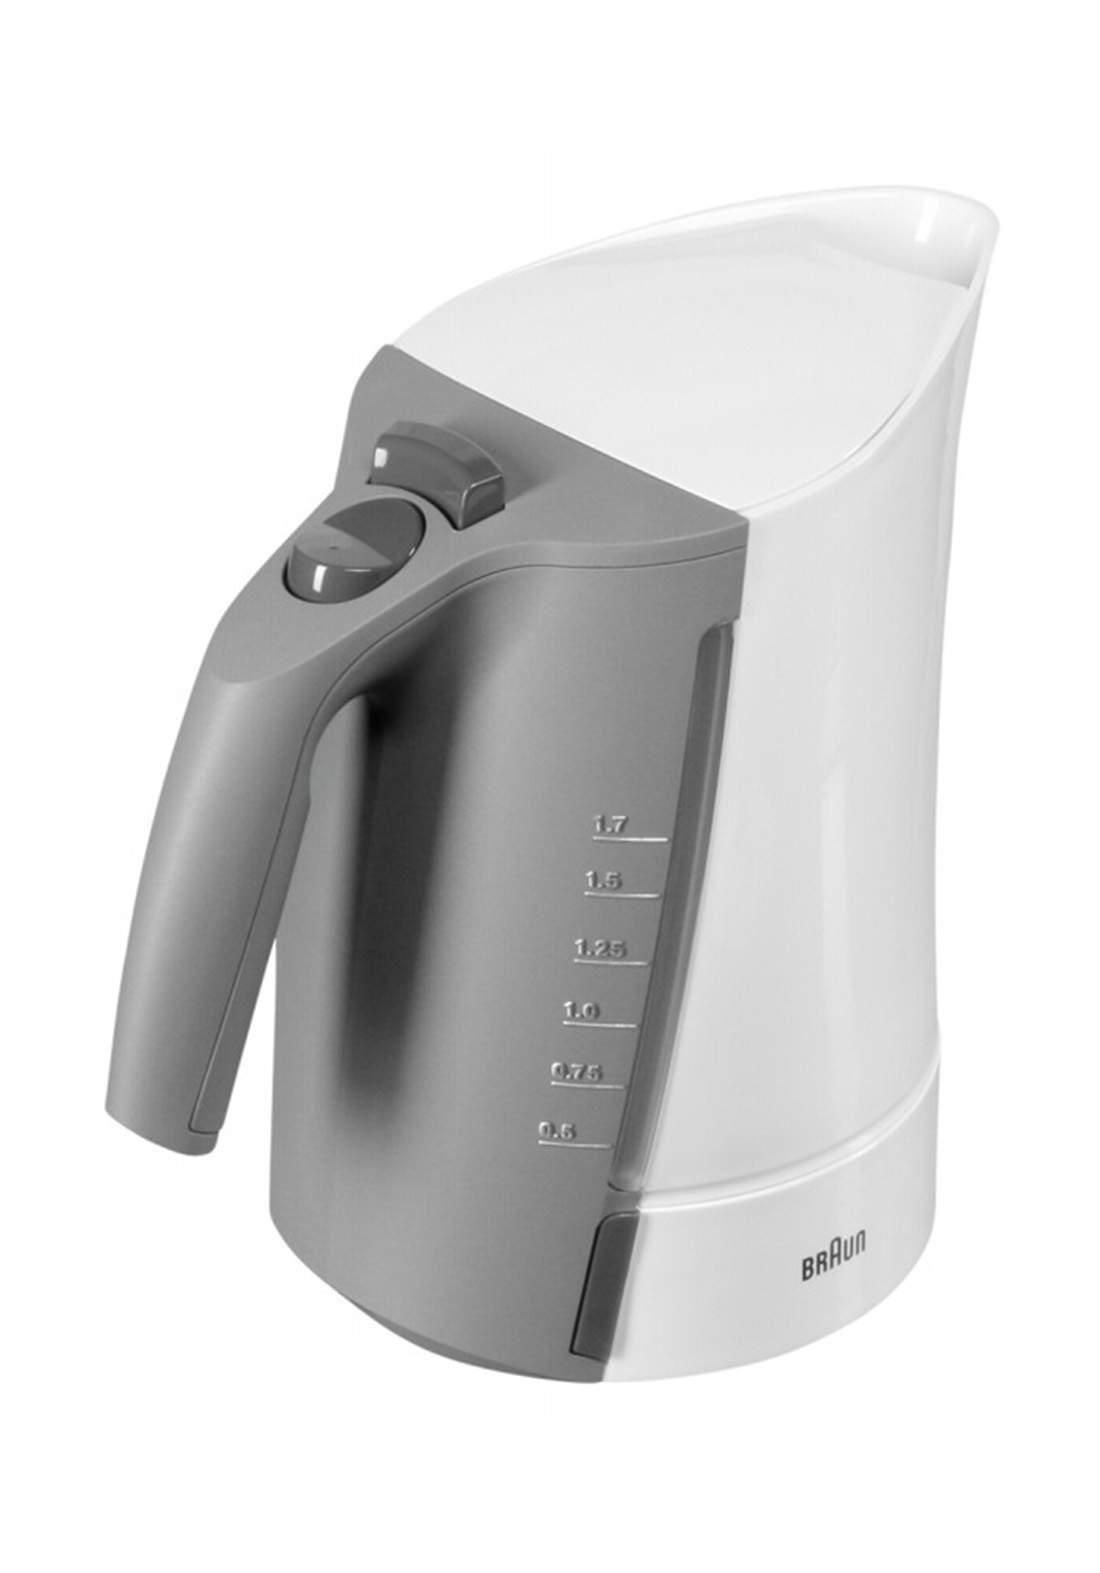 Braun WK 300 electric kettle 17 L - White غلاية كهربائية